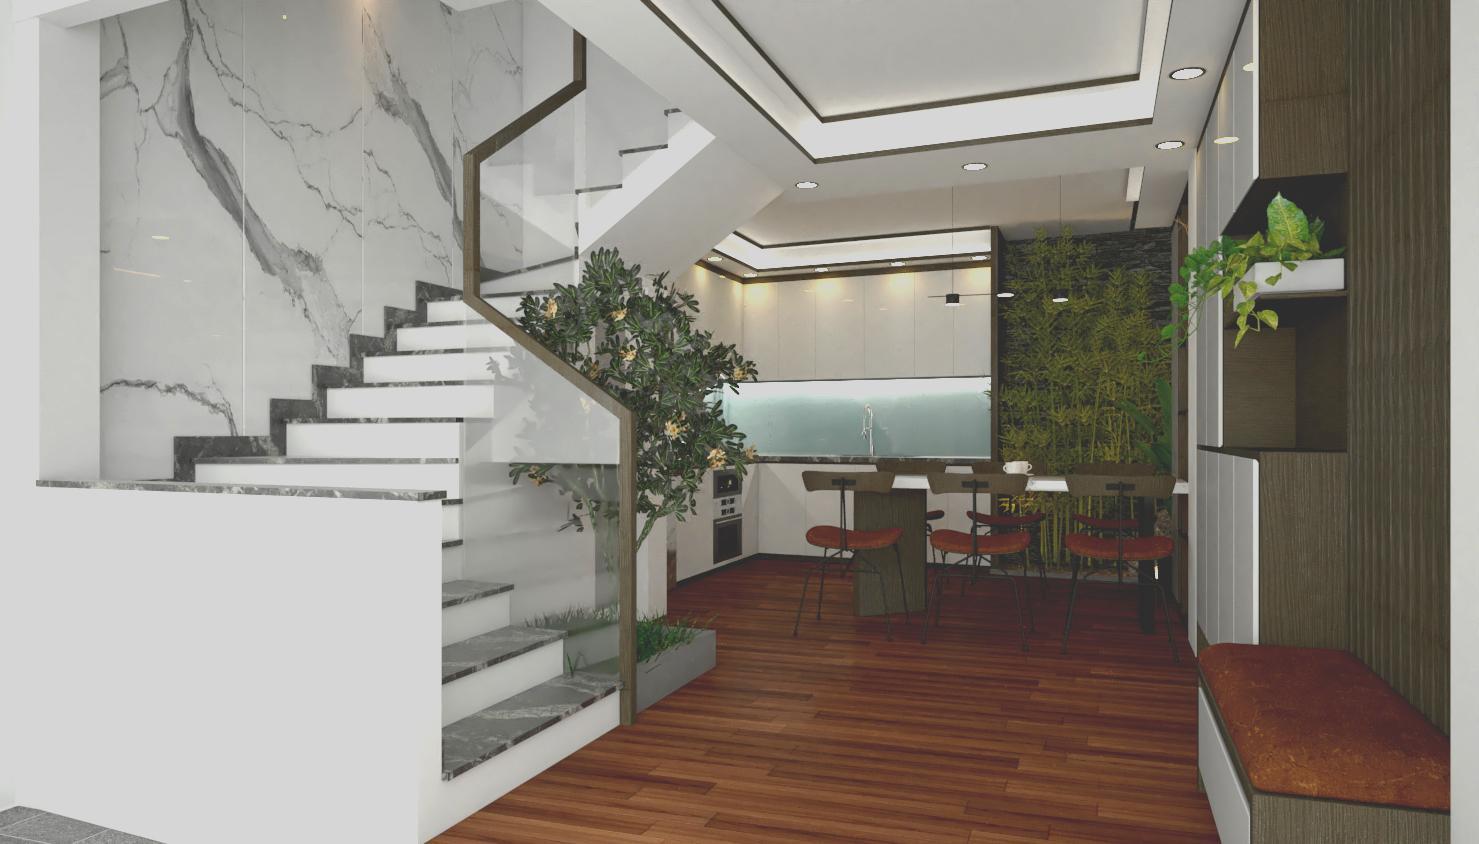 phối-cảnh-mặt-tiền-1 Mẫu thiết kế nhà phố cổ điển trệt lửng 2 lầu + sân thượng